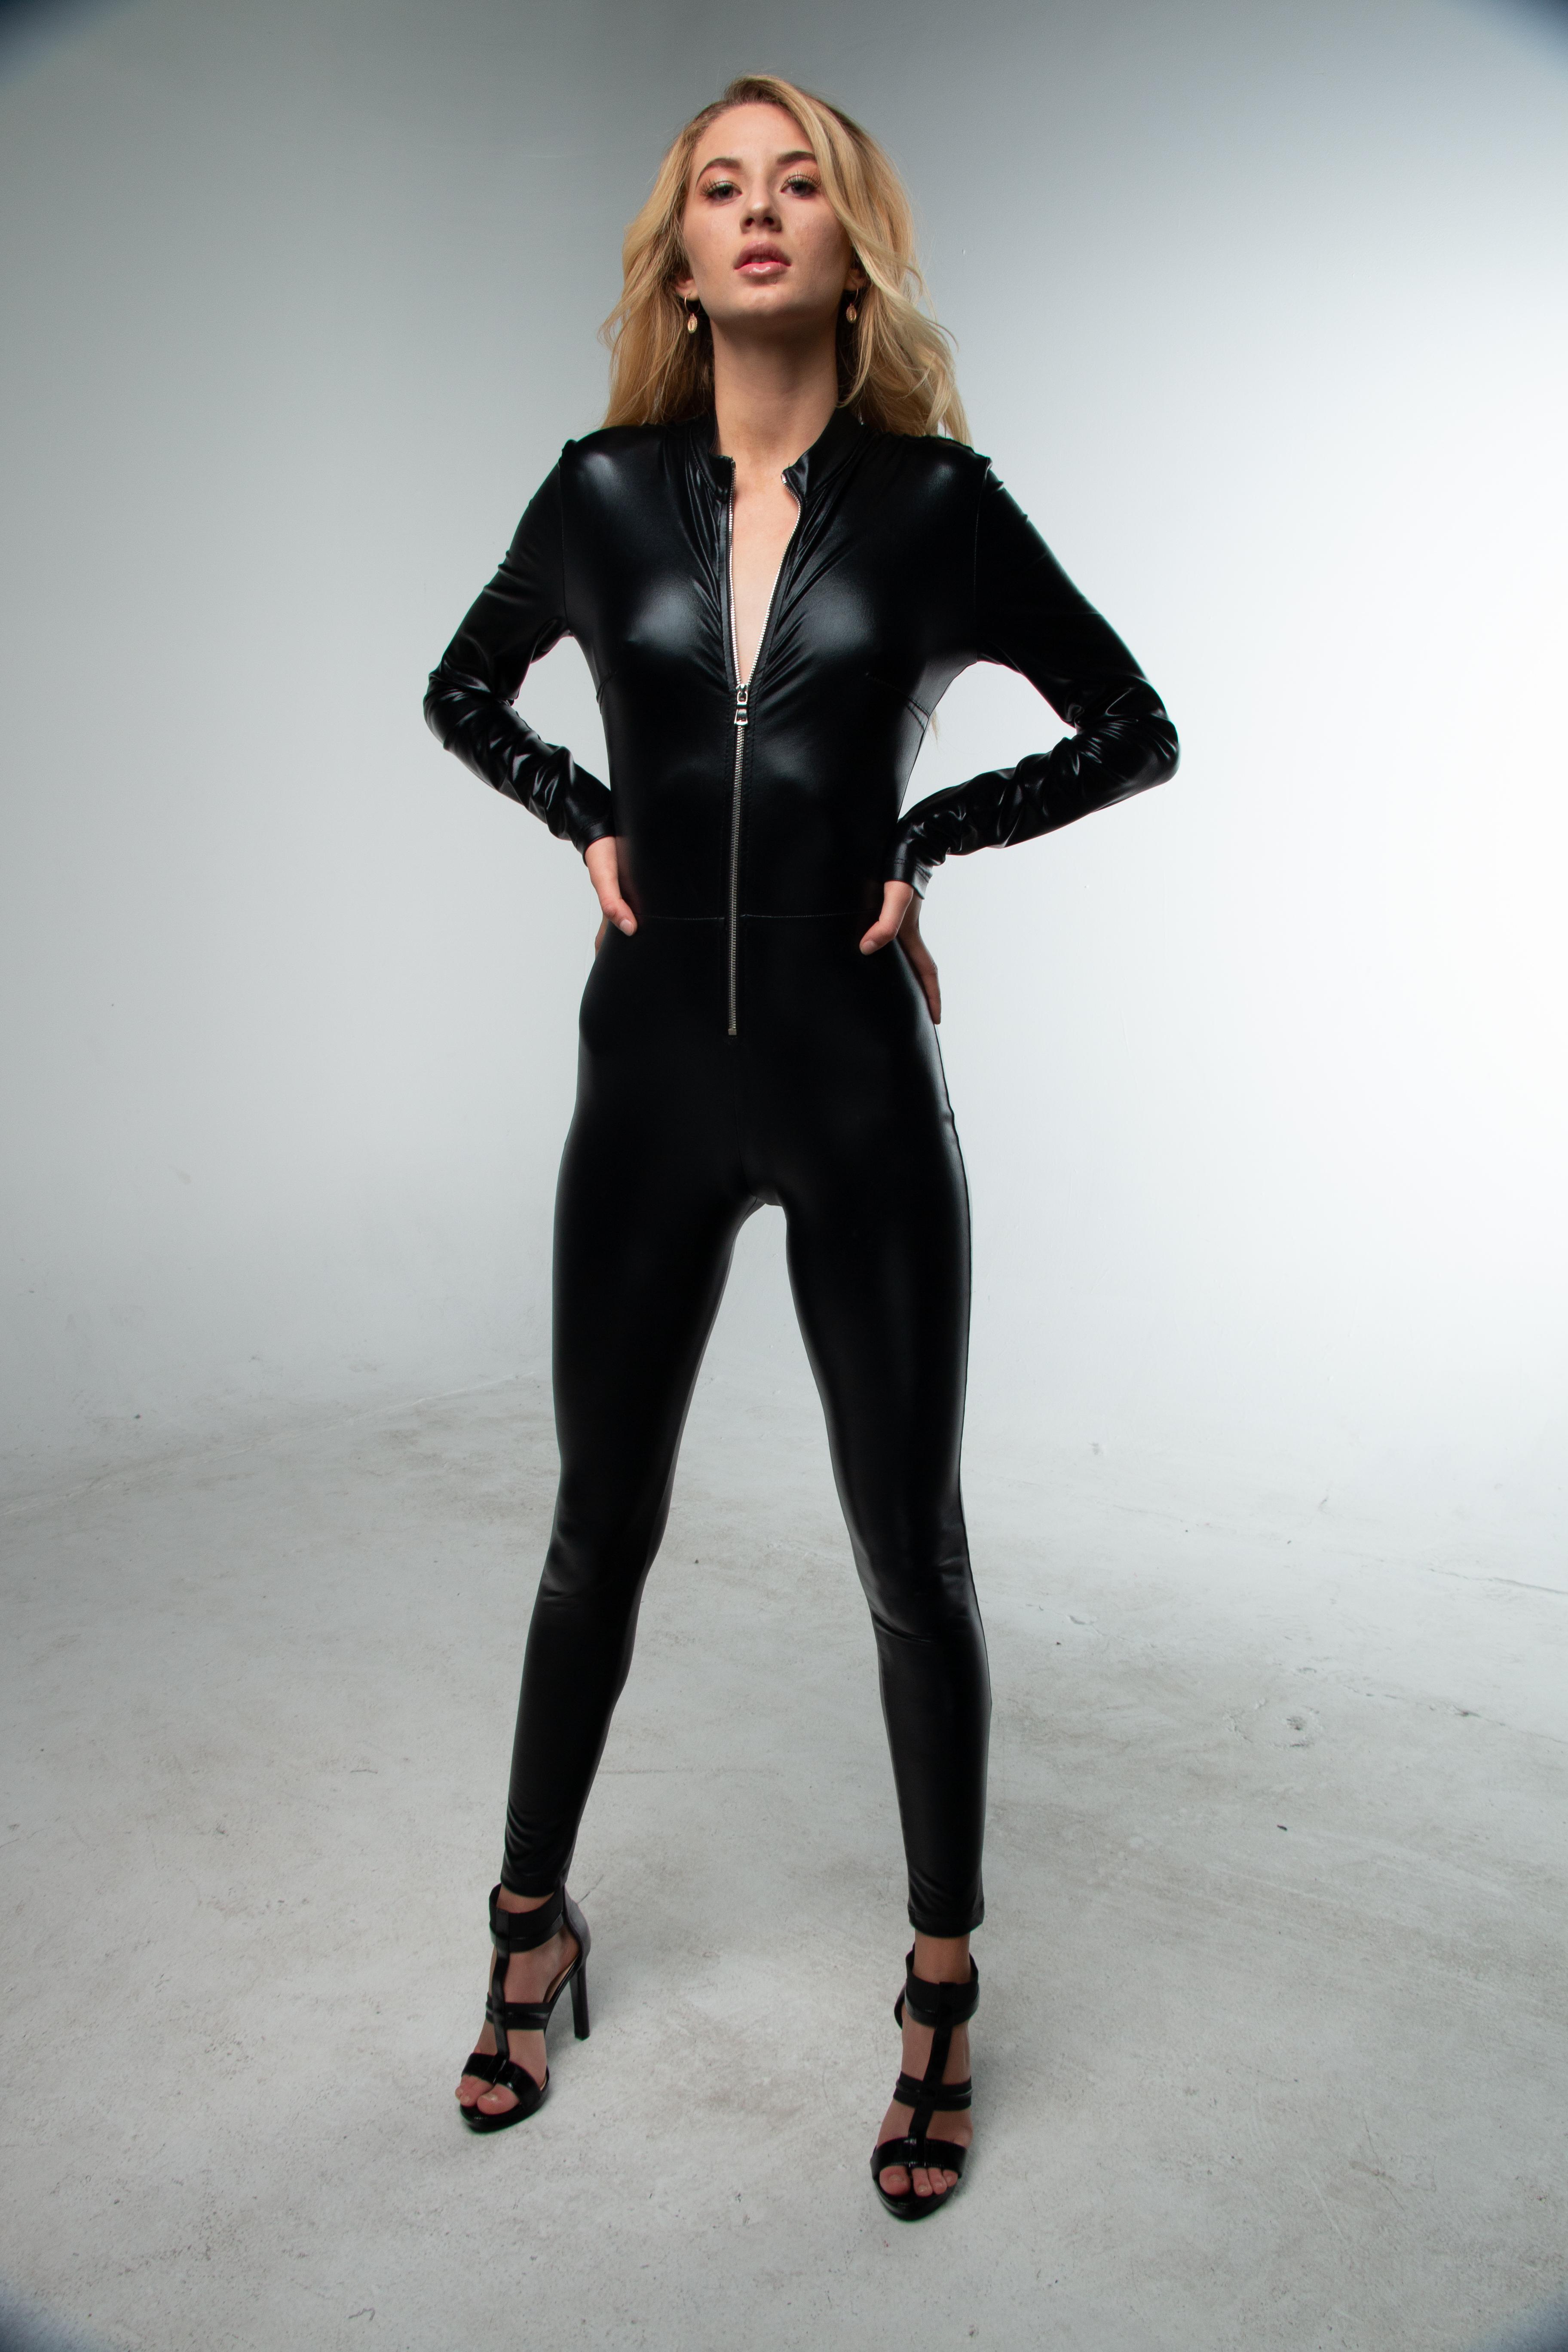 suit pics Latex